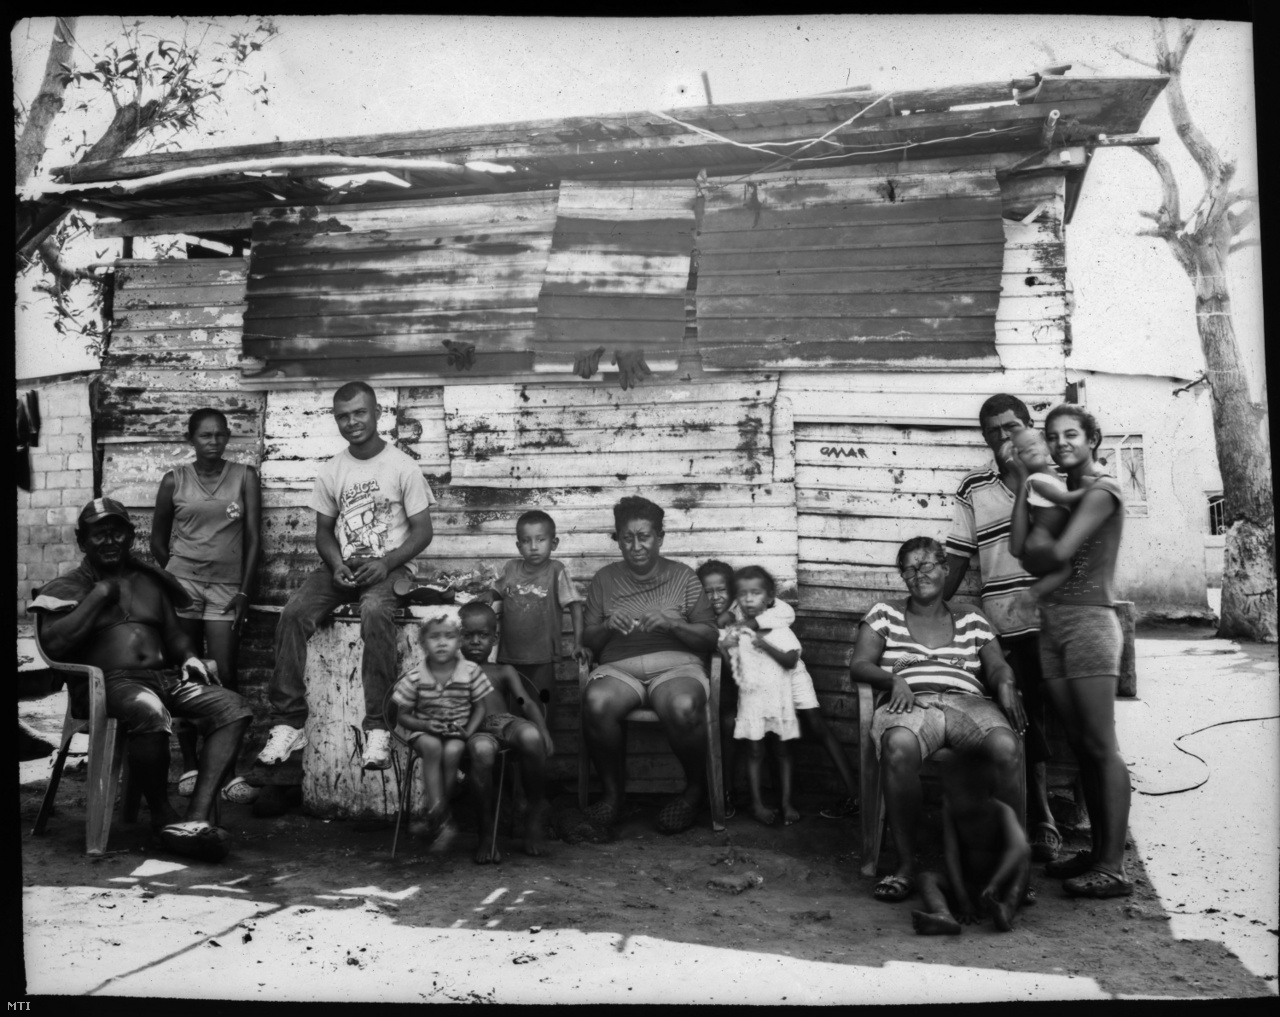 A cabimas városában élő Elizalzabal és Silva családnak egykor jólétet ígért az olajipar, ma csak mocskot és szegénységet ad.